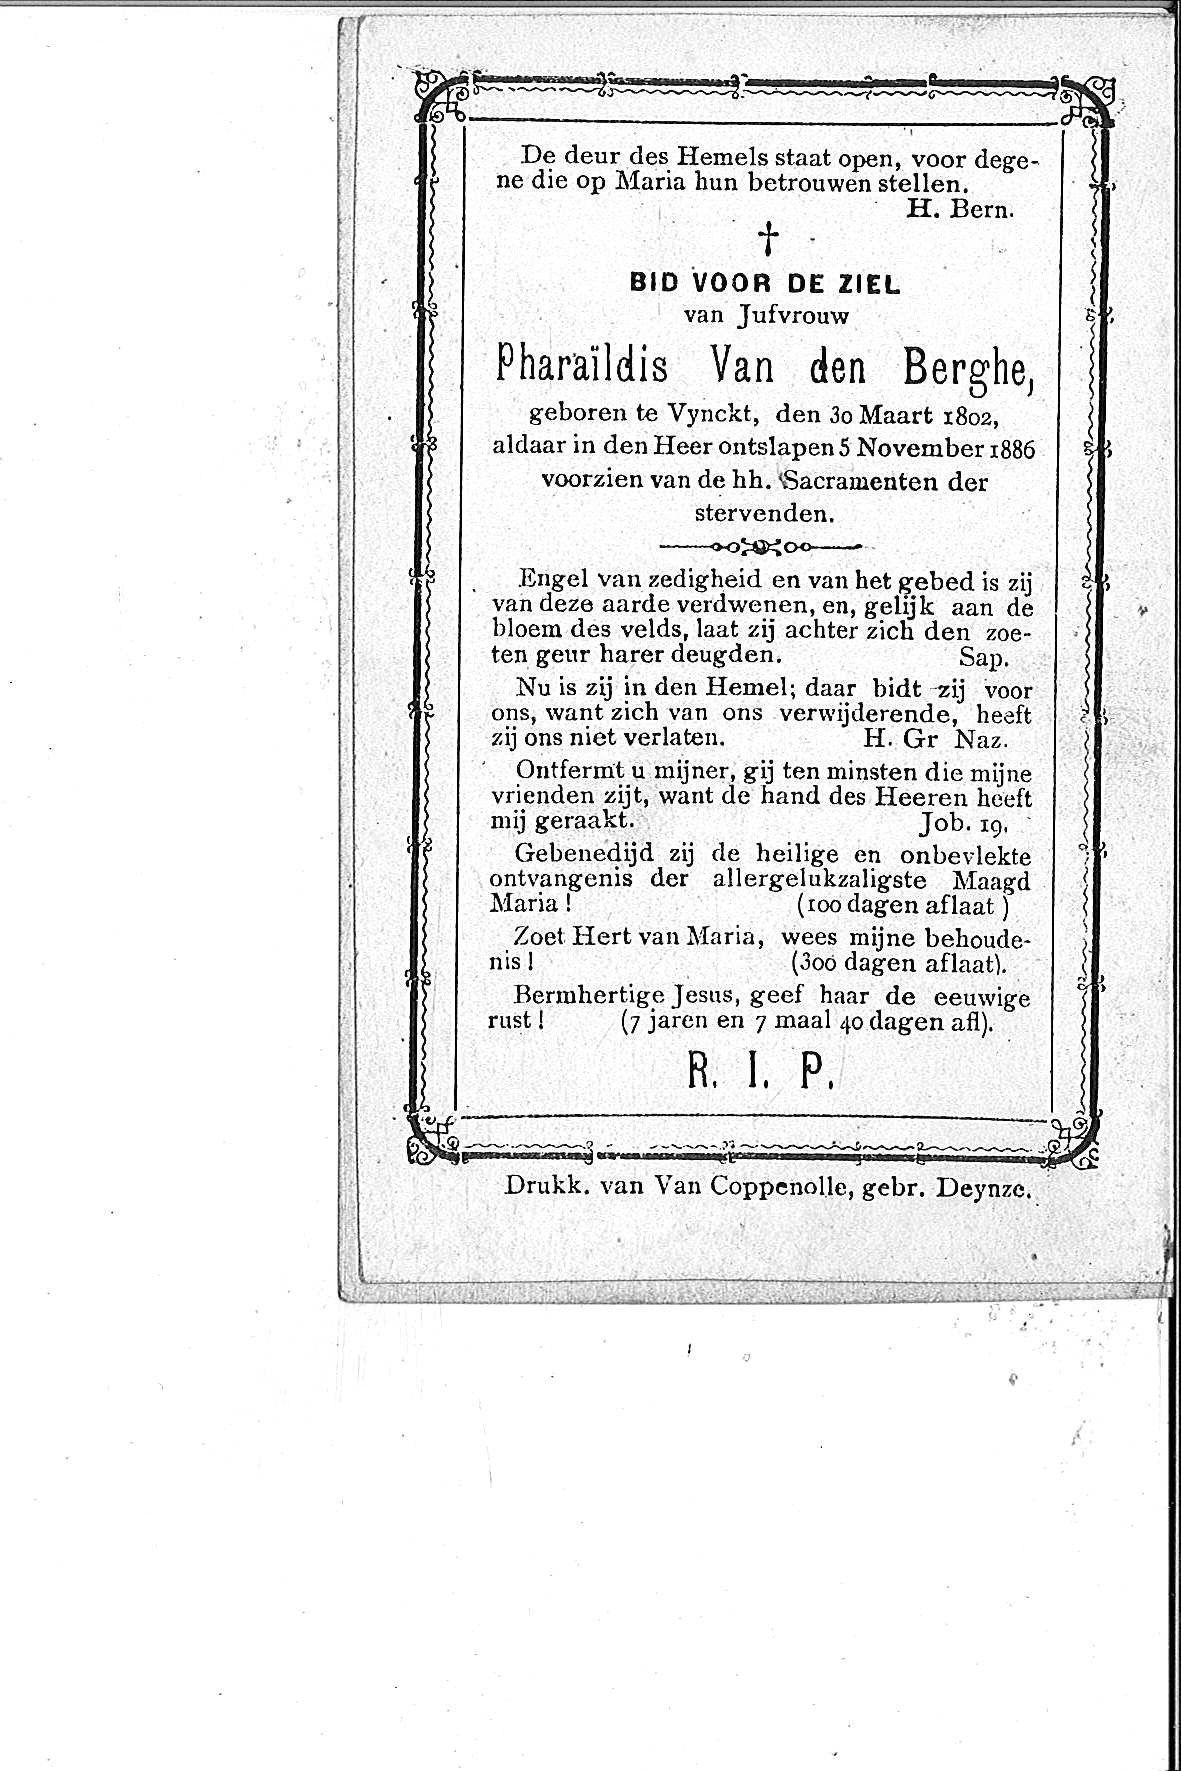 Pharaïldis(1886)20150810123206_00102.jpg